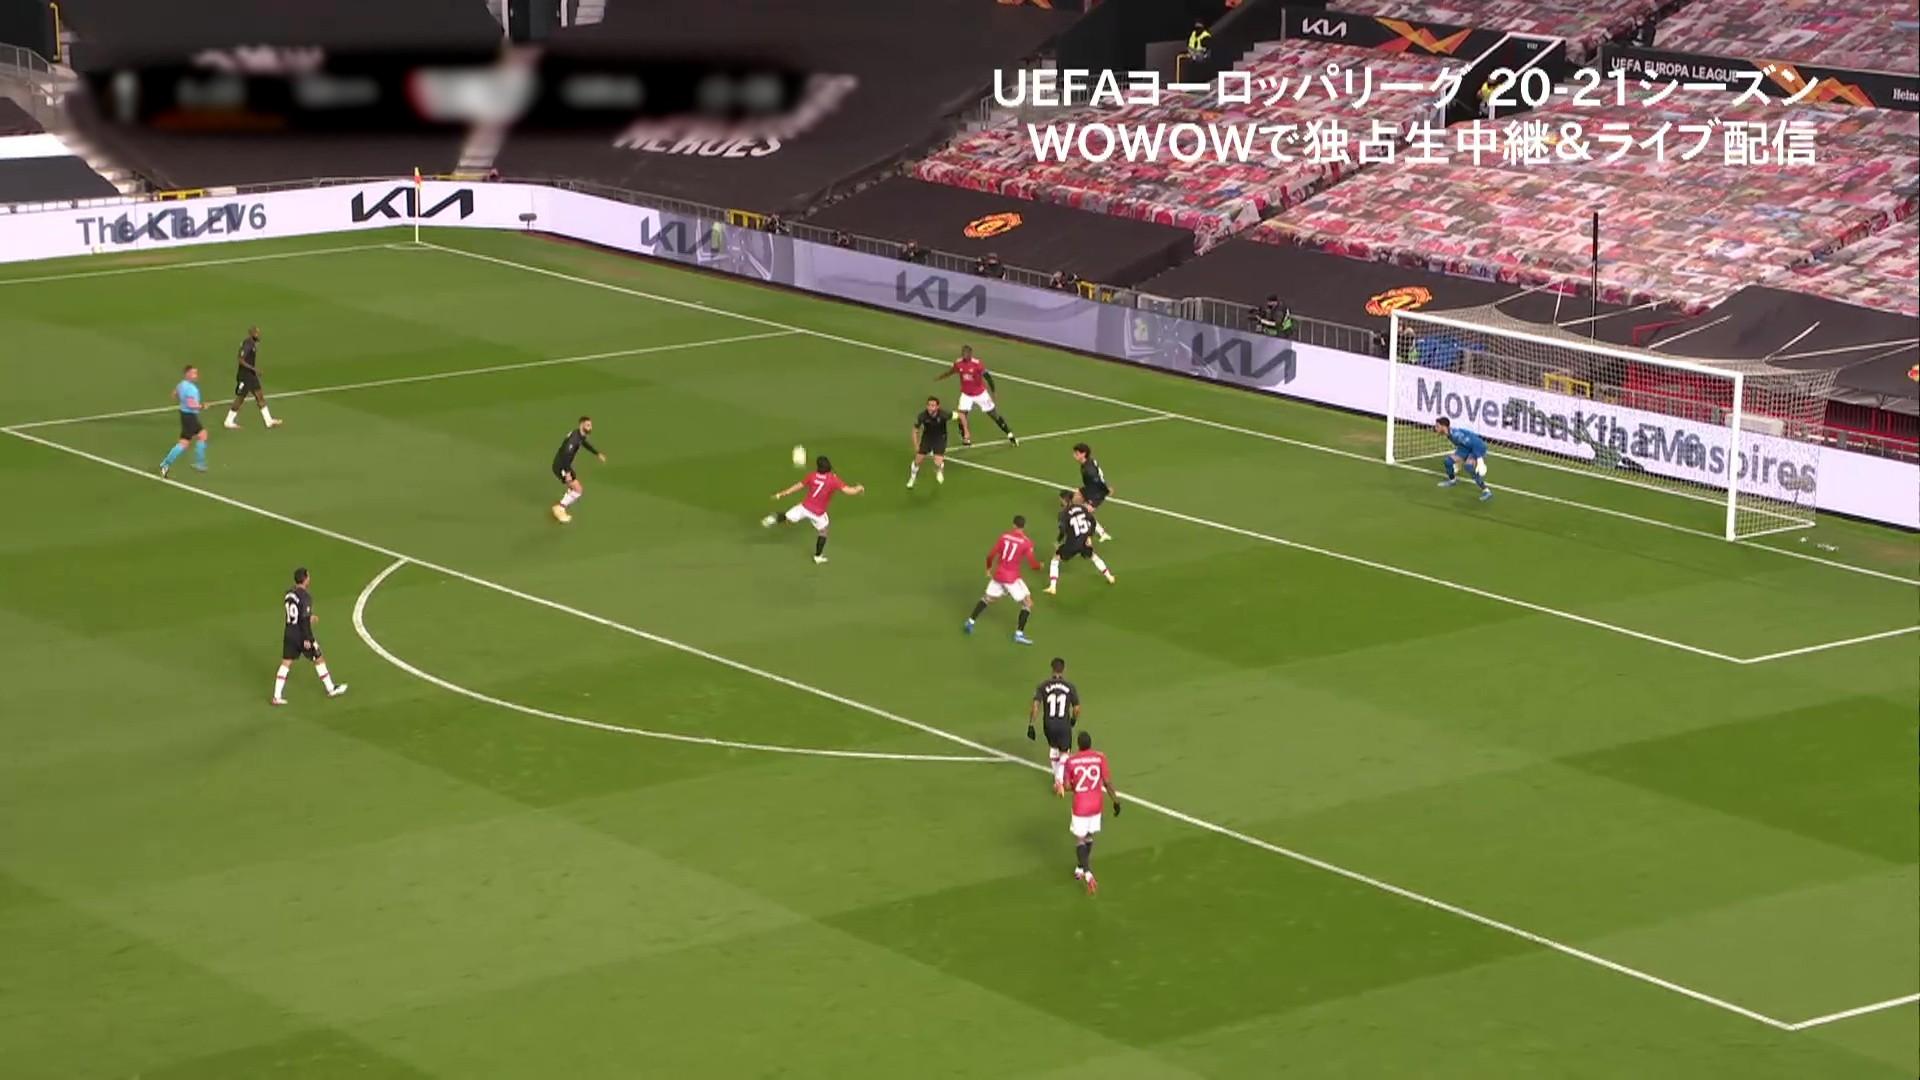 【準々決勝 2nd Leg】マンチェスター・ユナイテッド vs グラナダ 1分ハイライト/UEFAヨーロッパリーグ 20-21